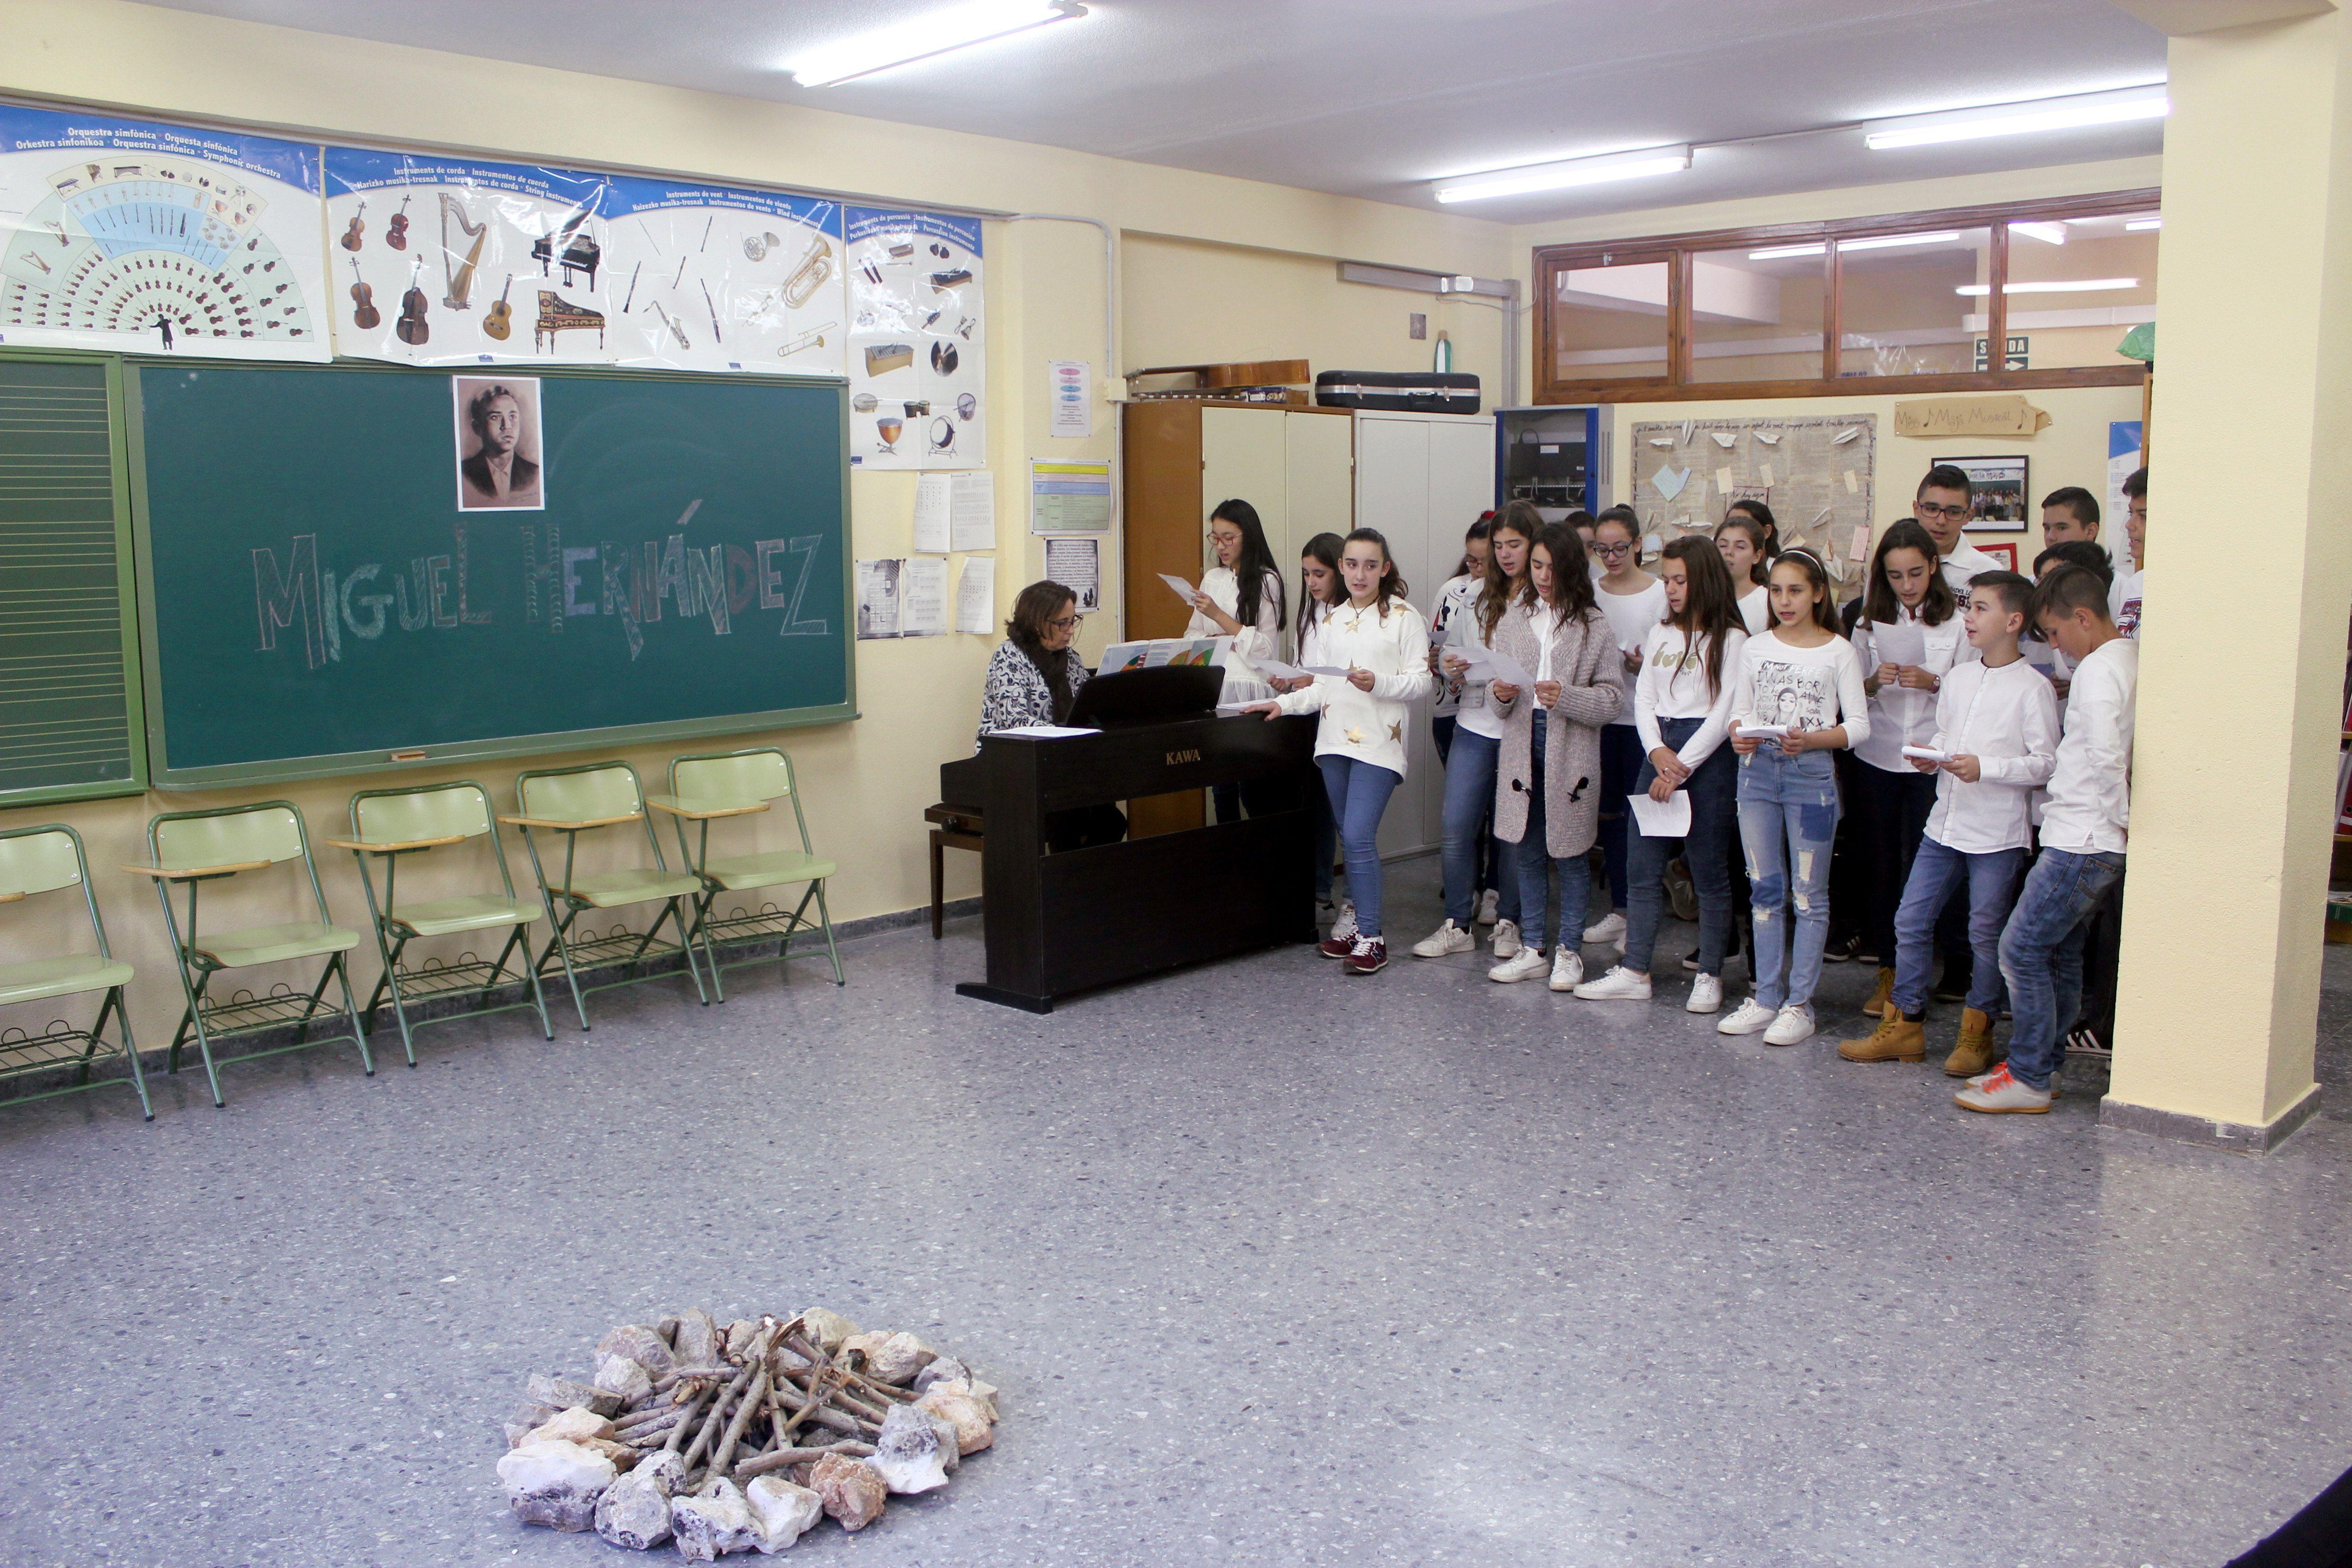 Sala de la vista - Poemas cantados de Miguel Hernández